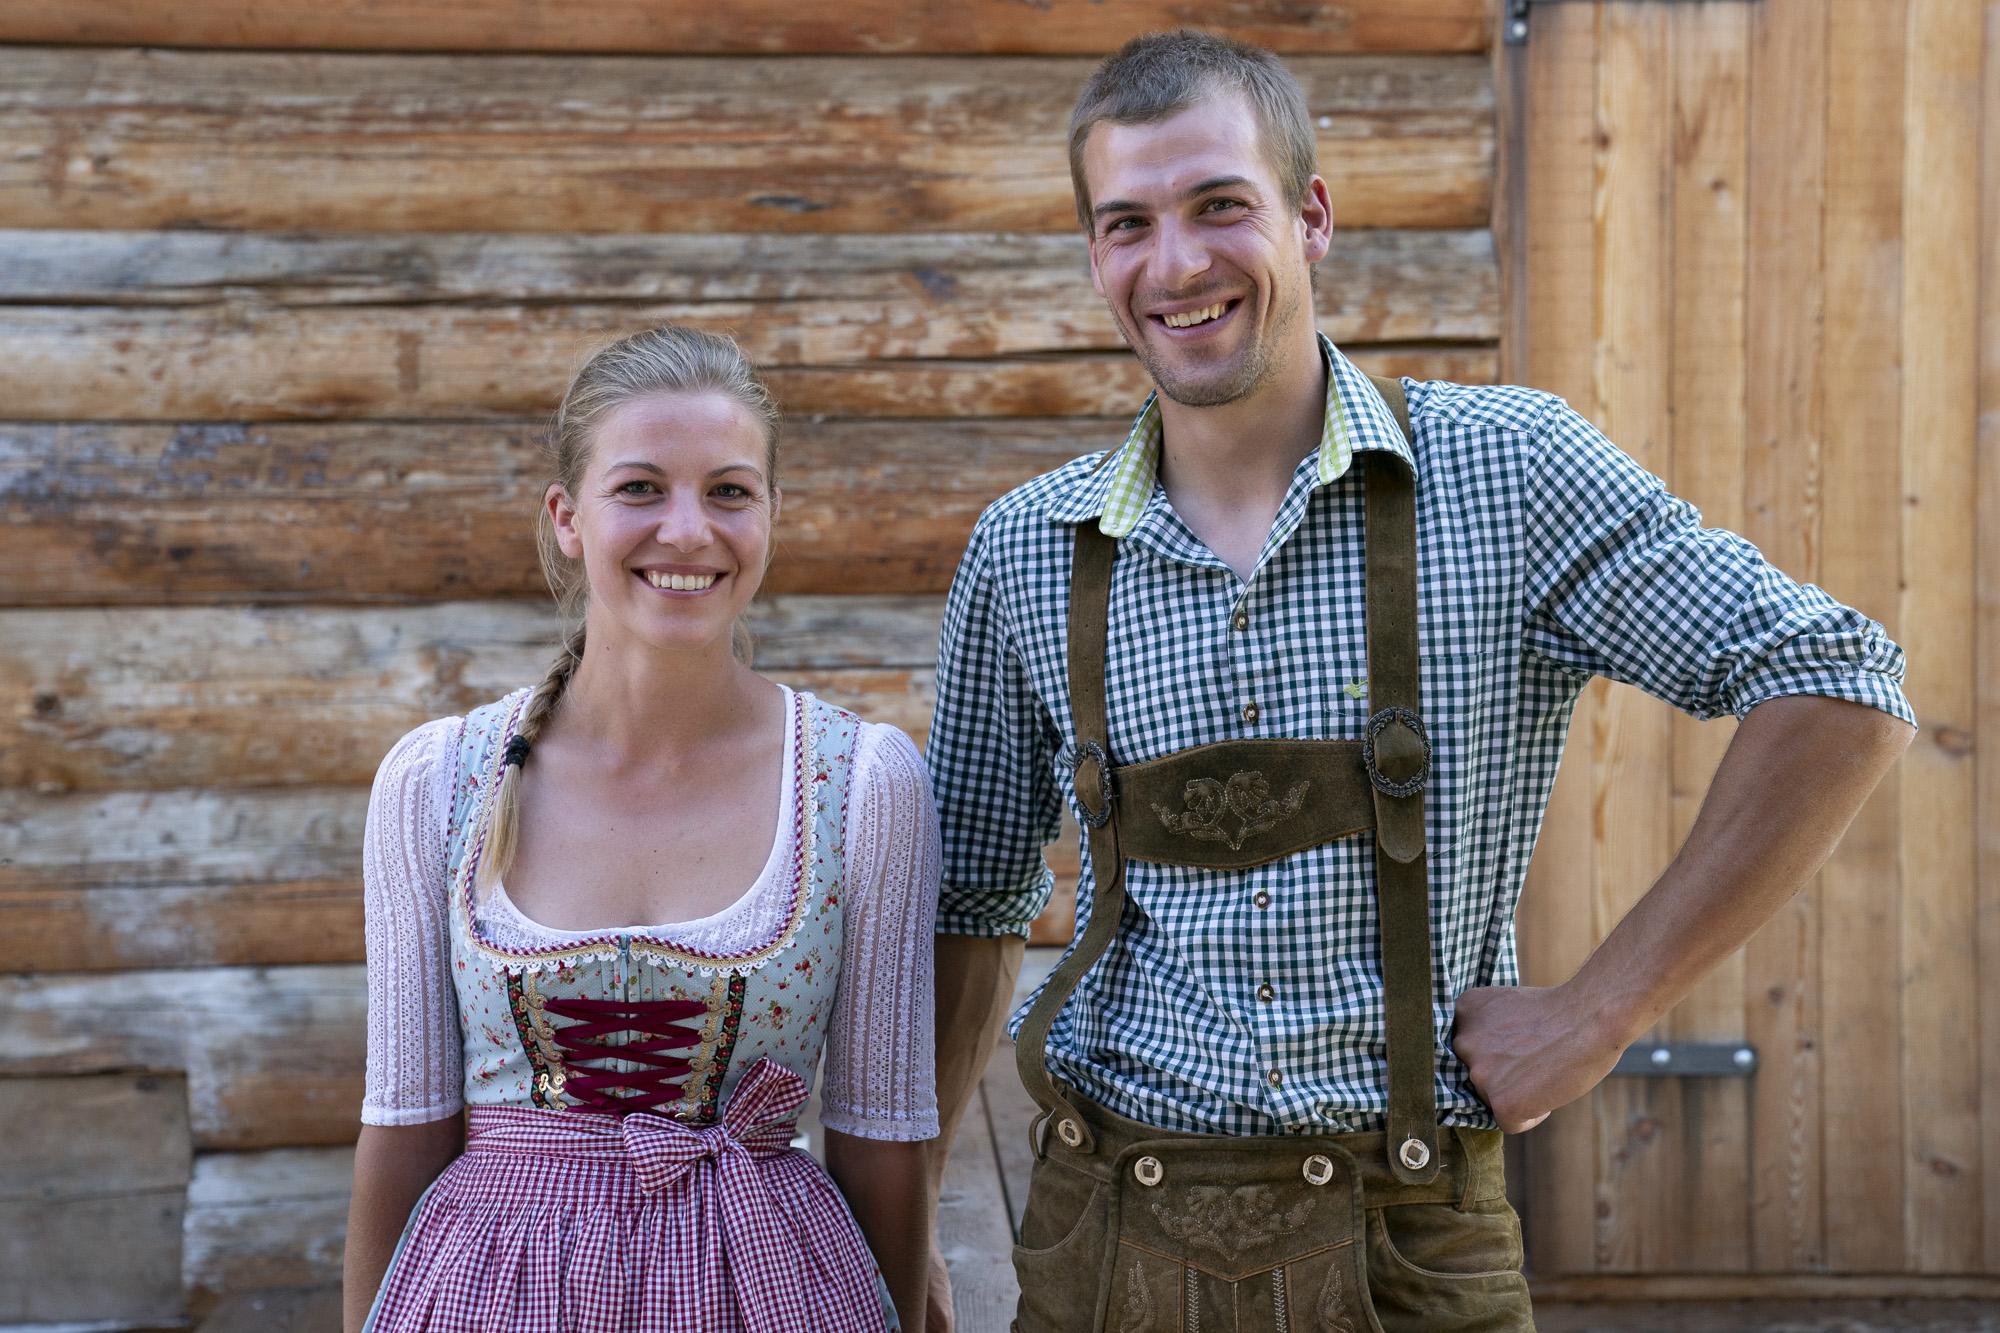 Bergwelten_Südtirol_Campill_Preview_0818_054.jpg